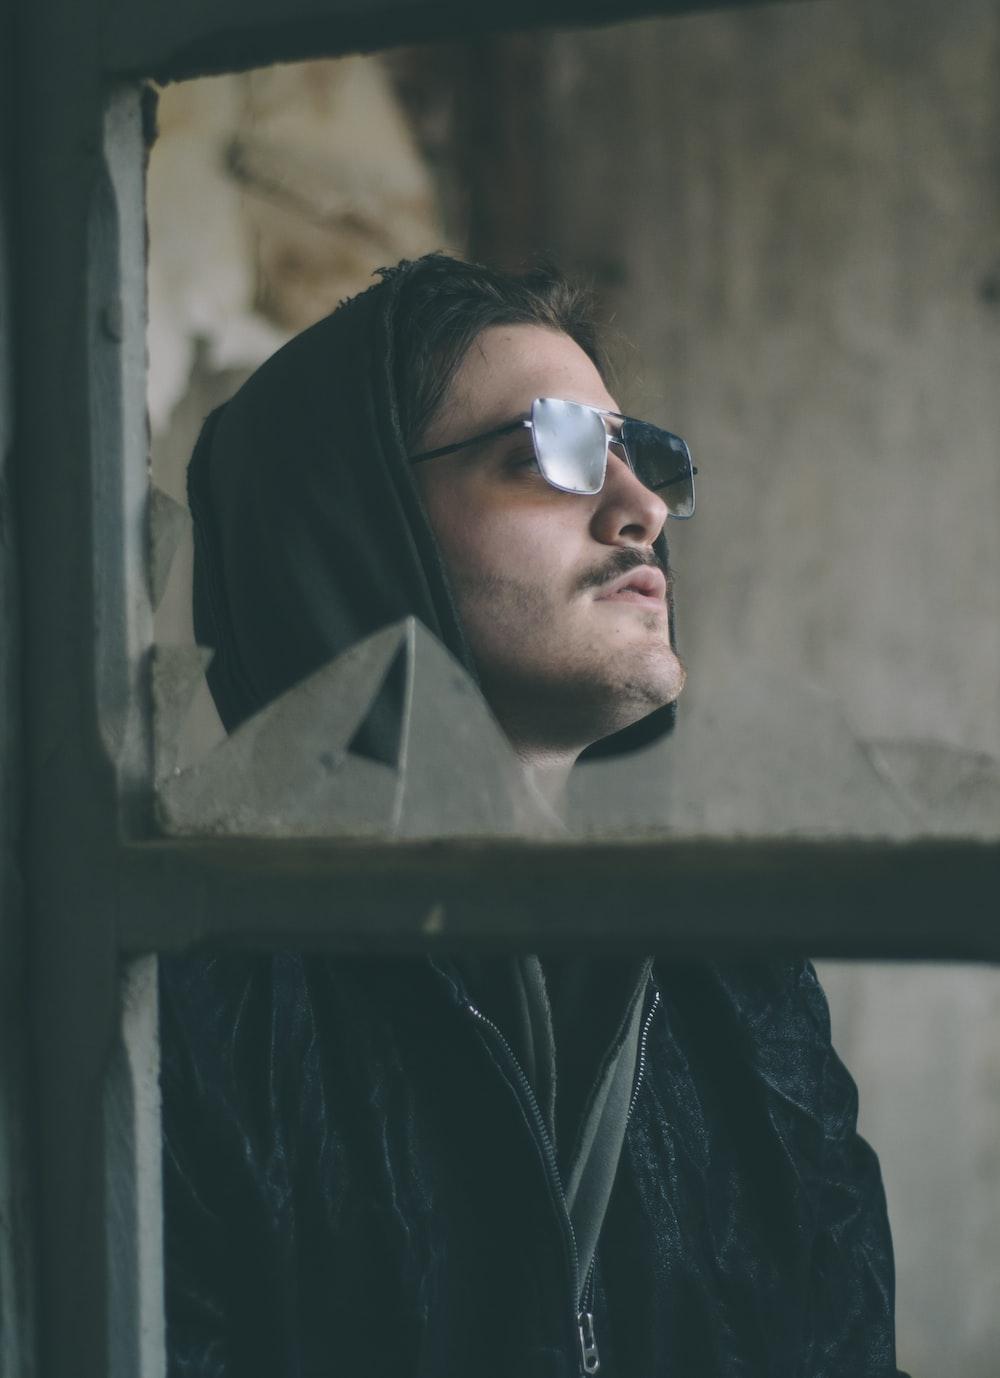 man wearing black zip-up hoodie and sunglasses